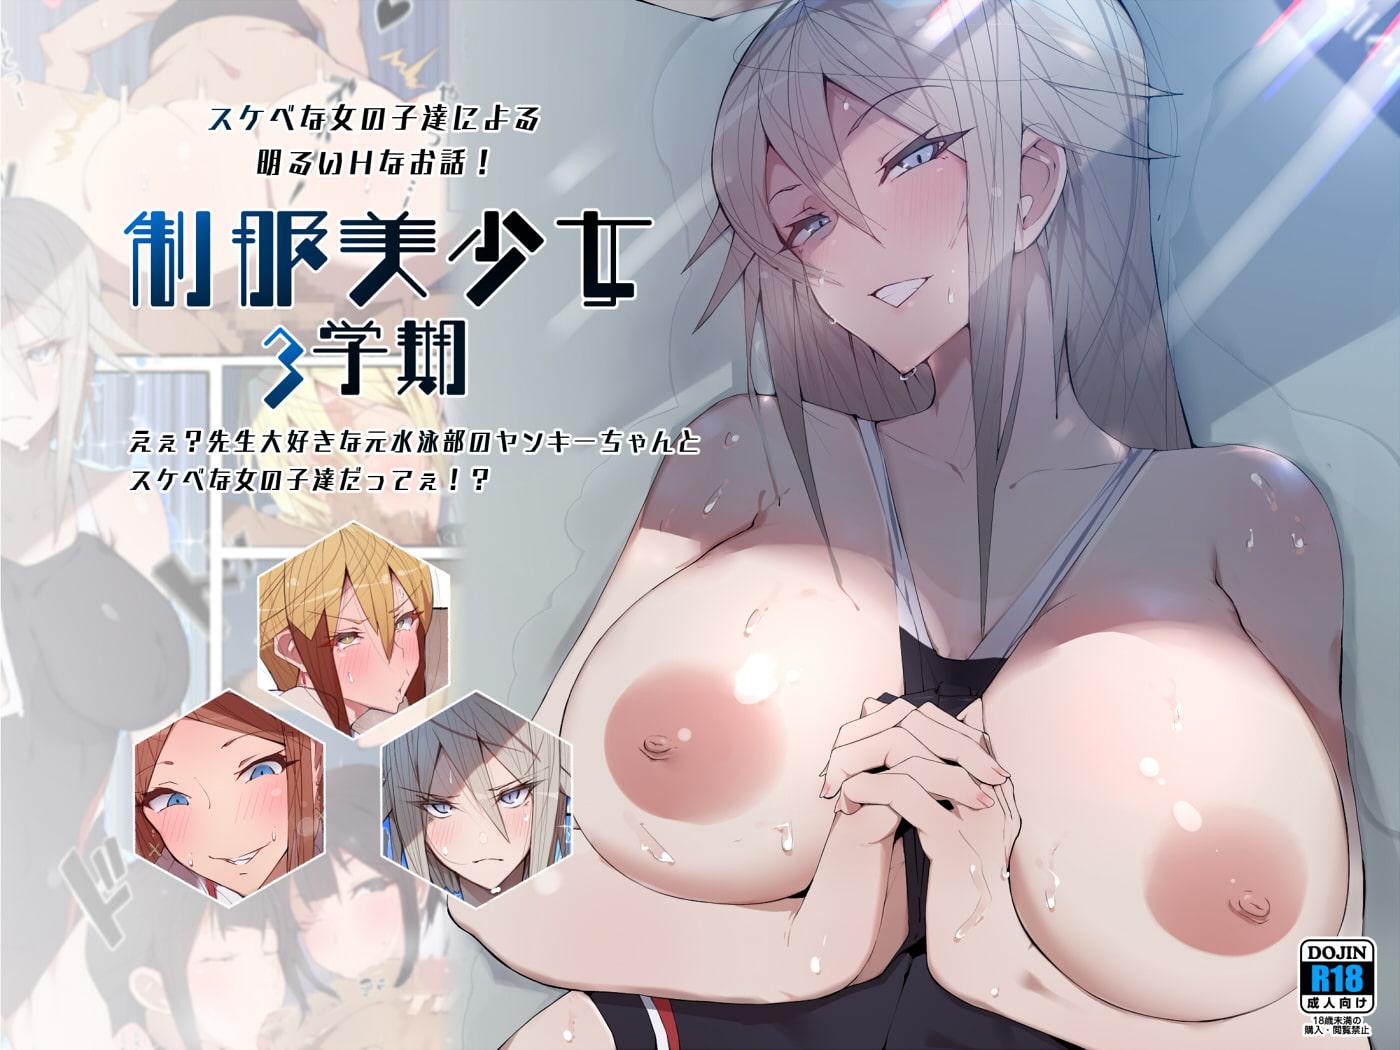 制服美少女 総集編のサンプル画像